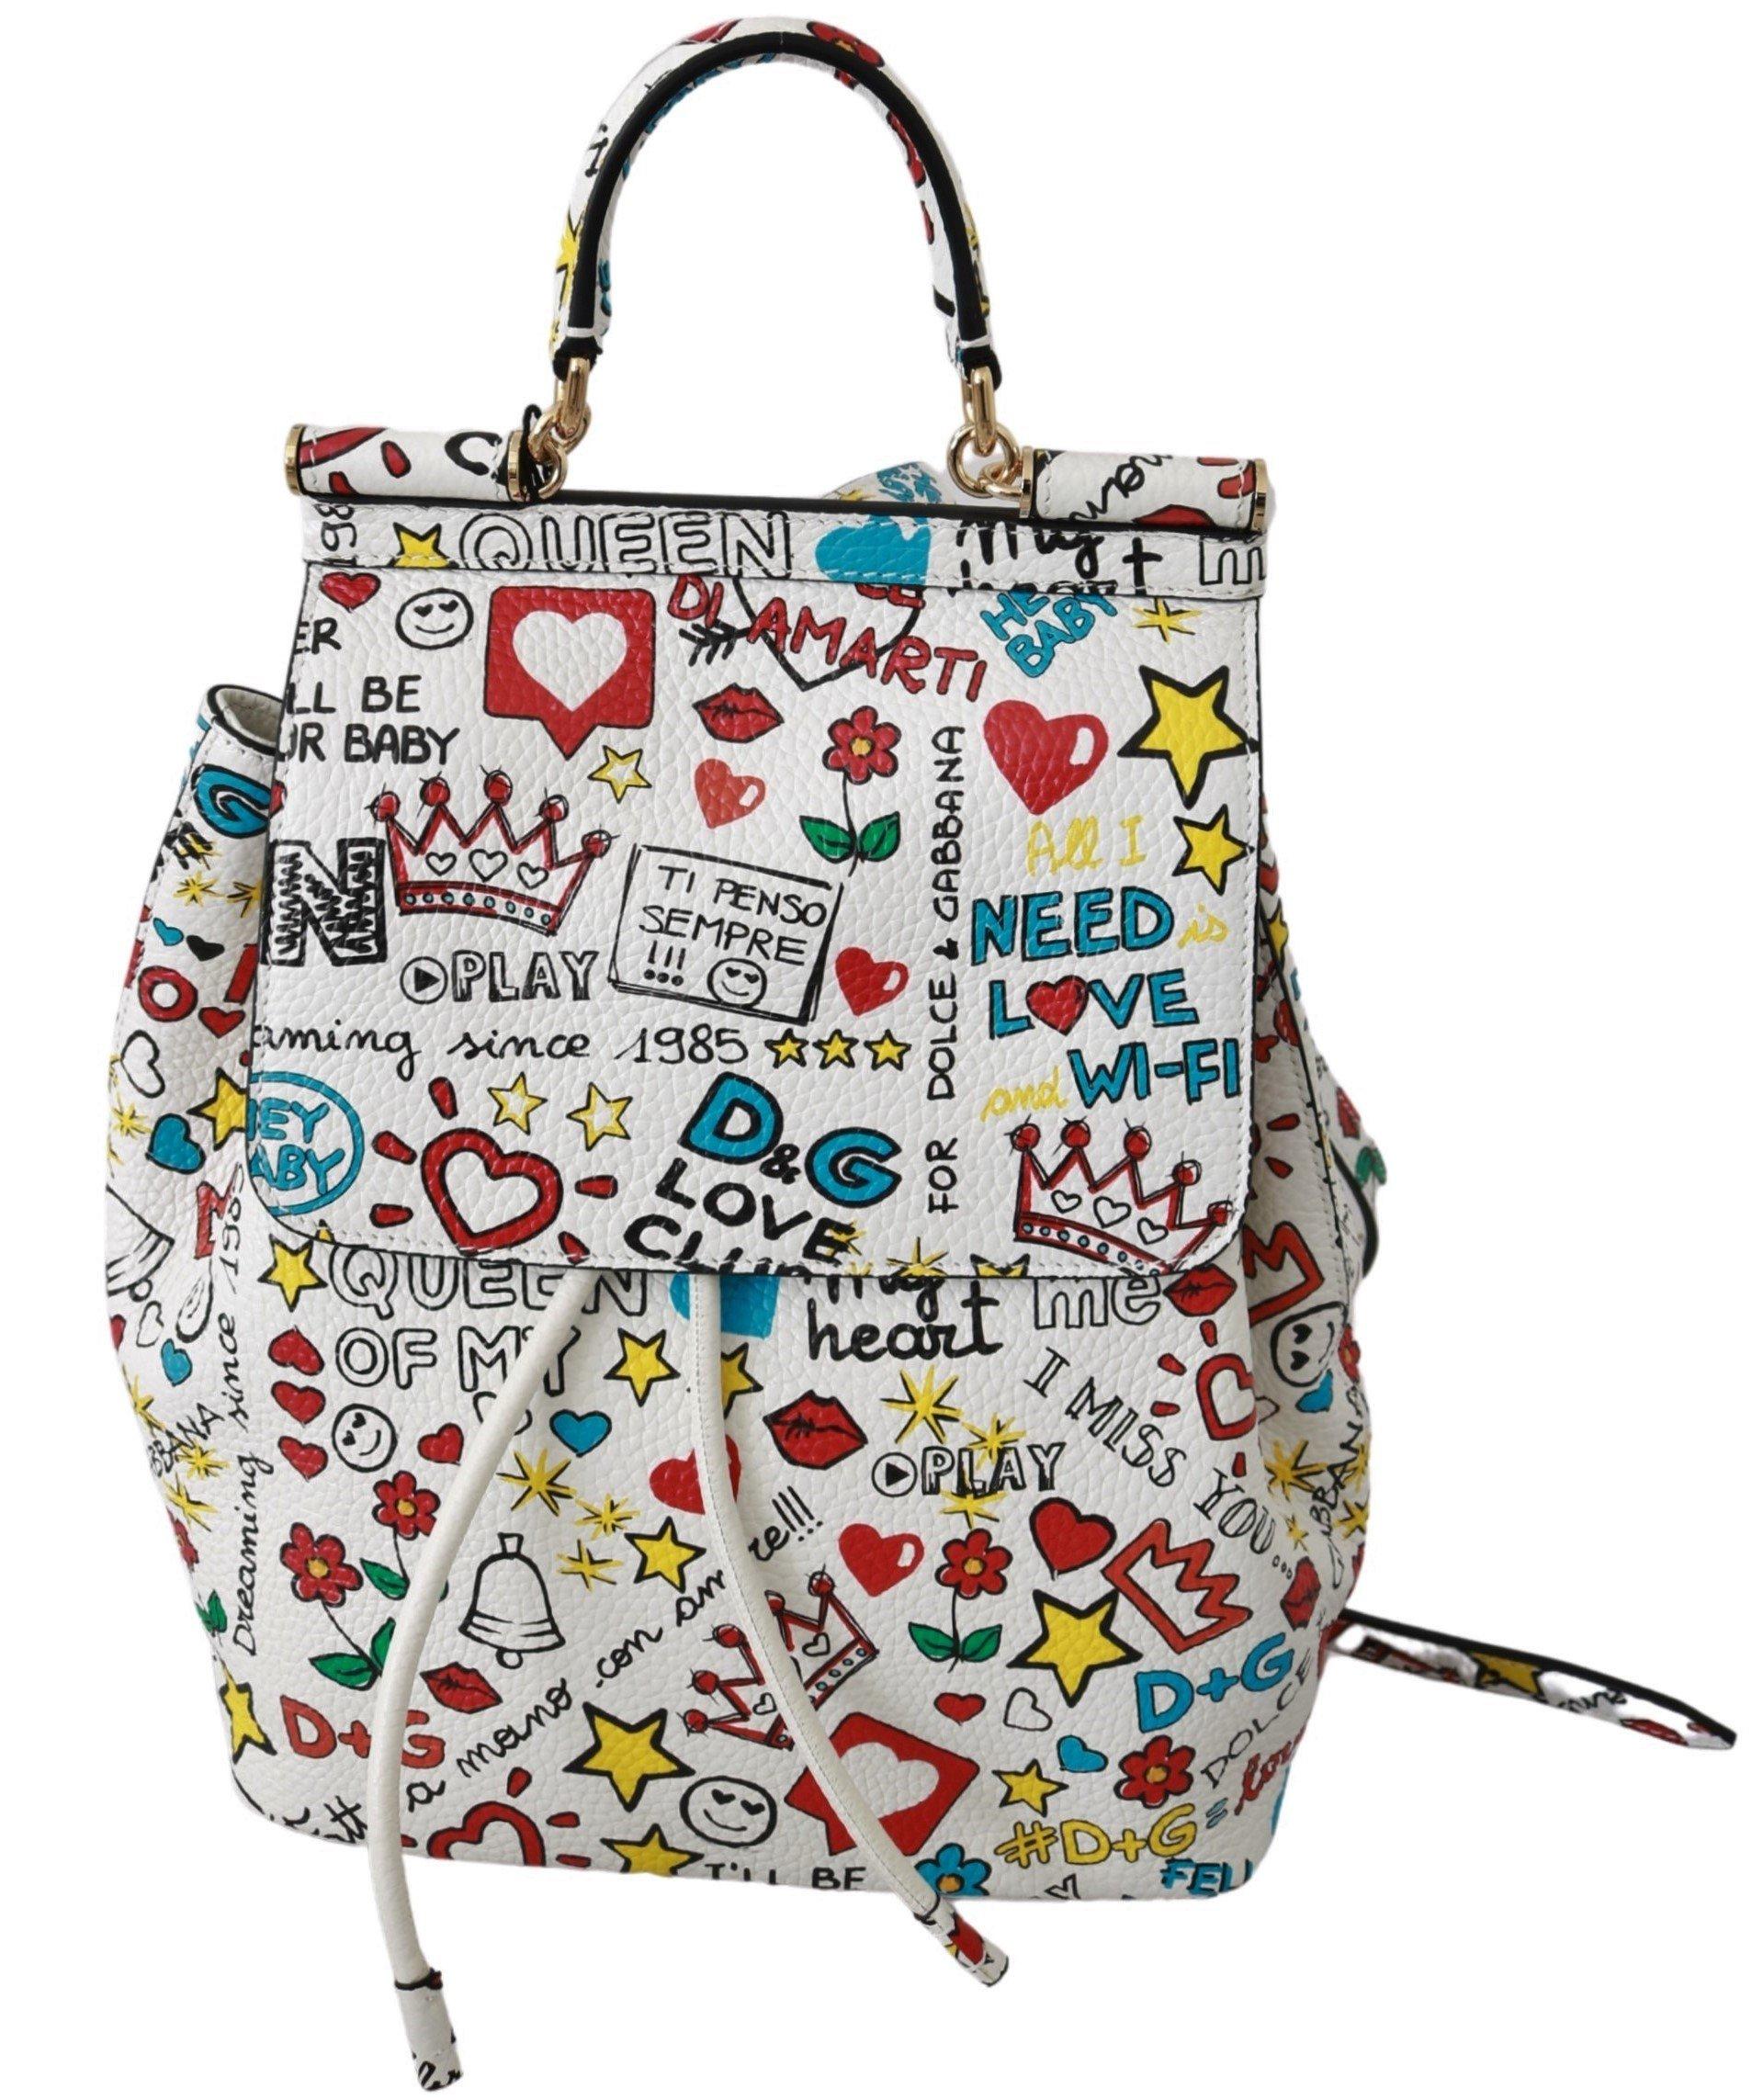 Dolce & Gabbana Women's Leather SICILY Backpack White VAS9227